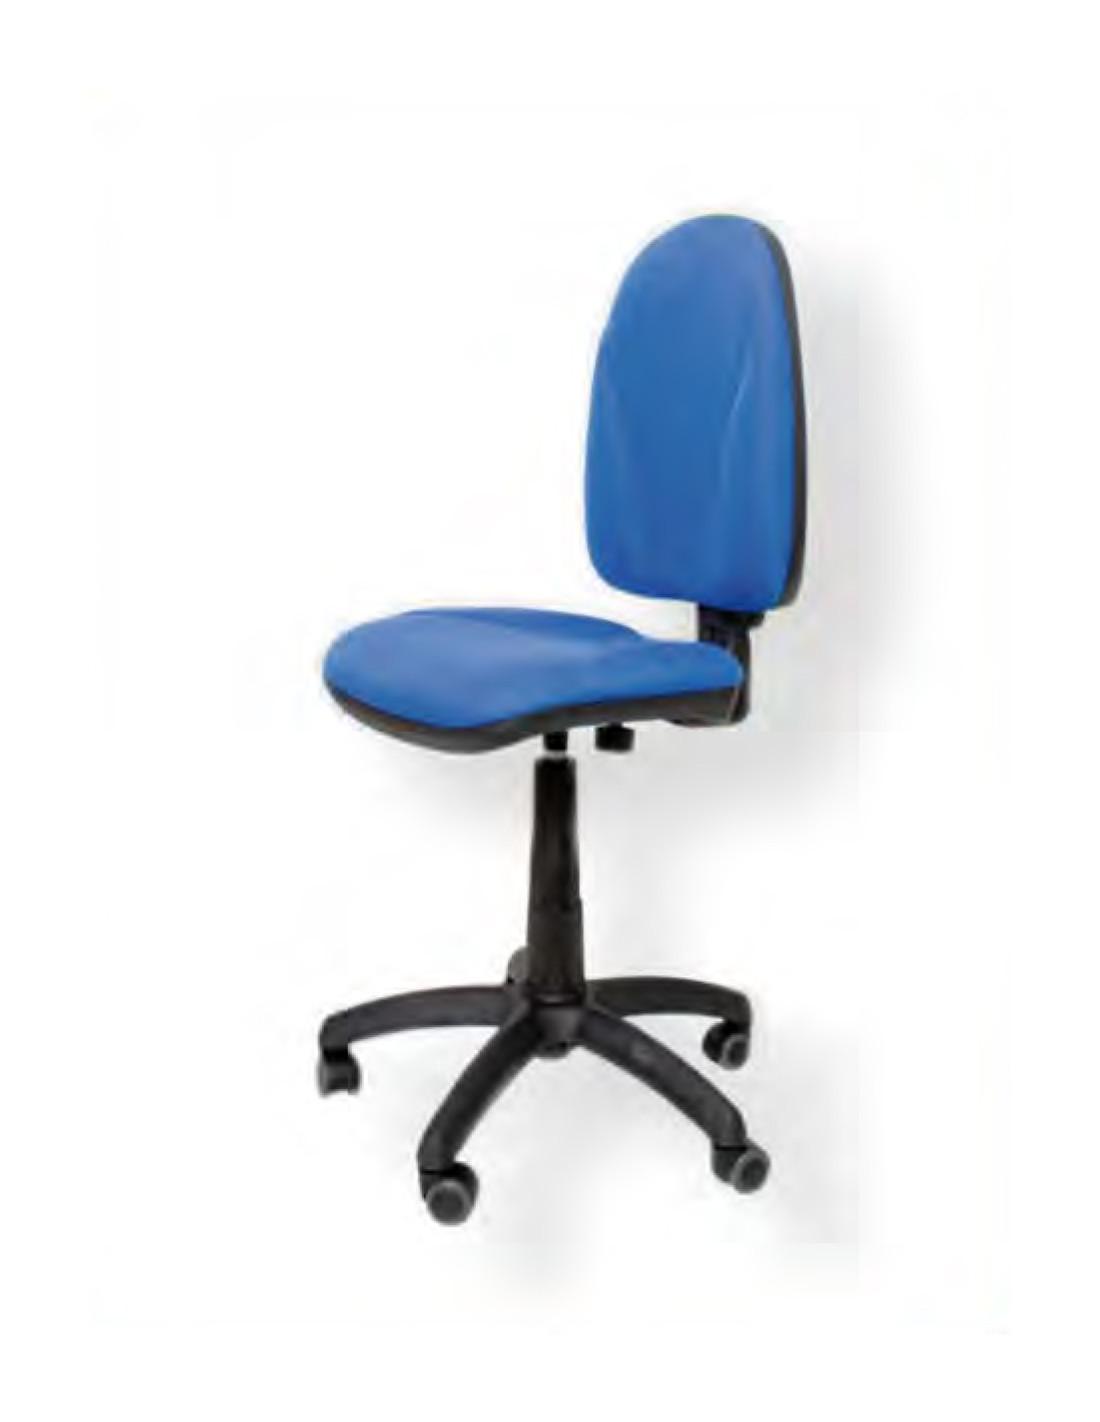 Silla oficina tapizado azul sin ruedas tienda asg for Costo de sillas para oficina